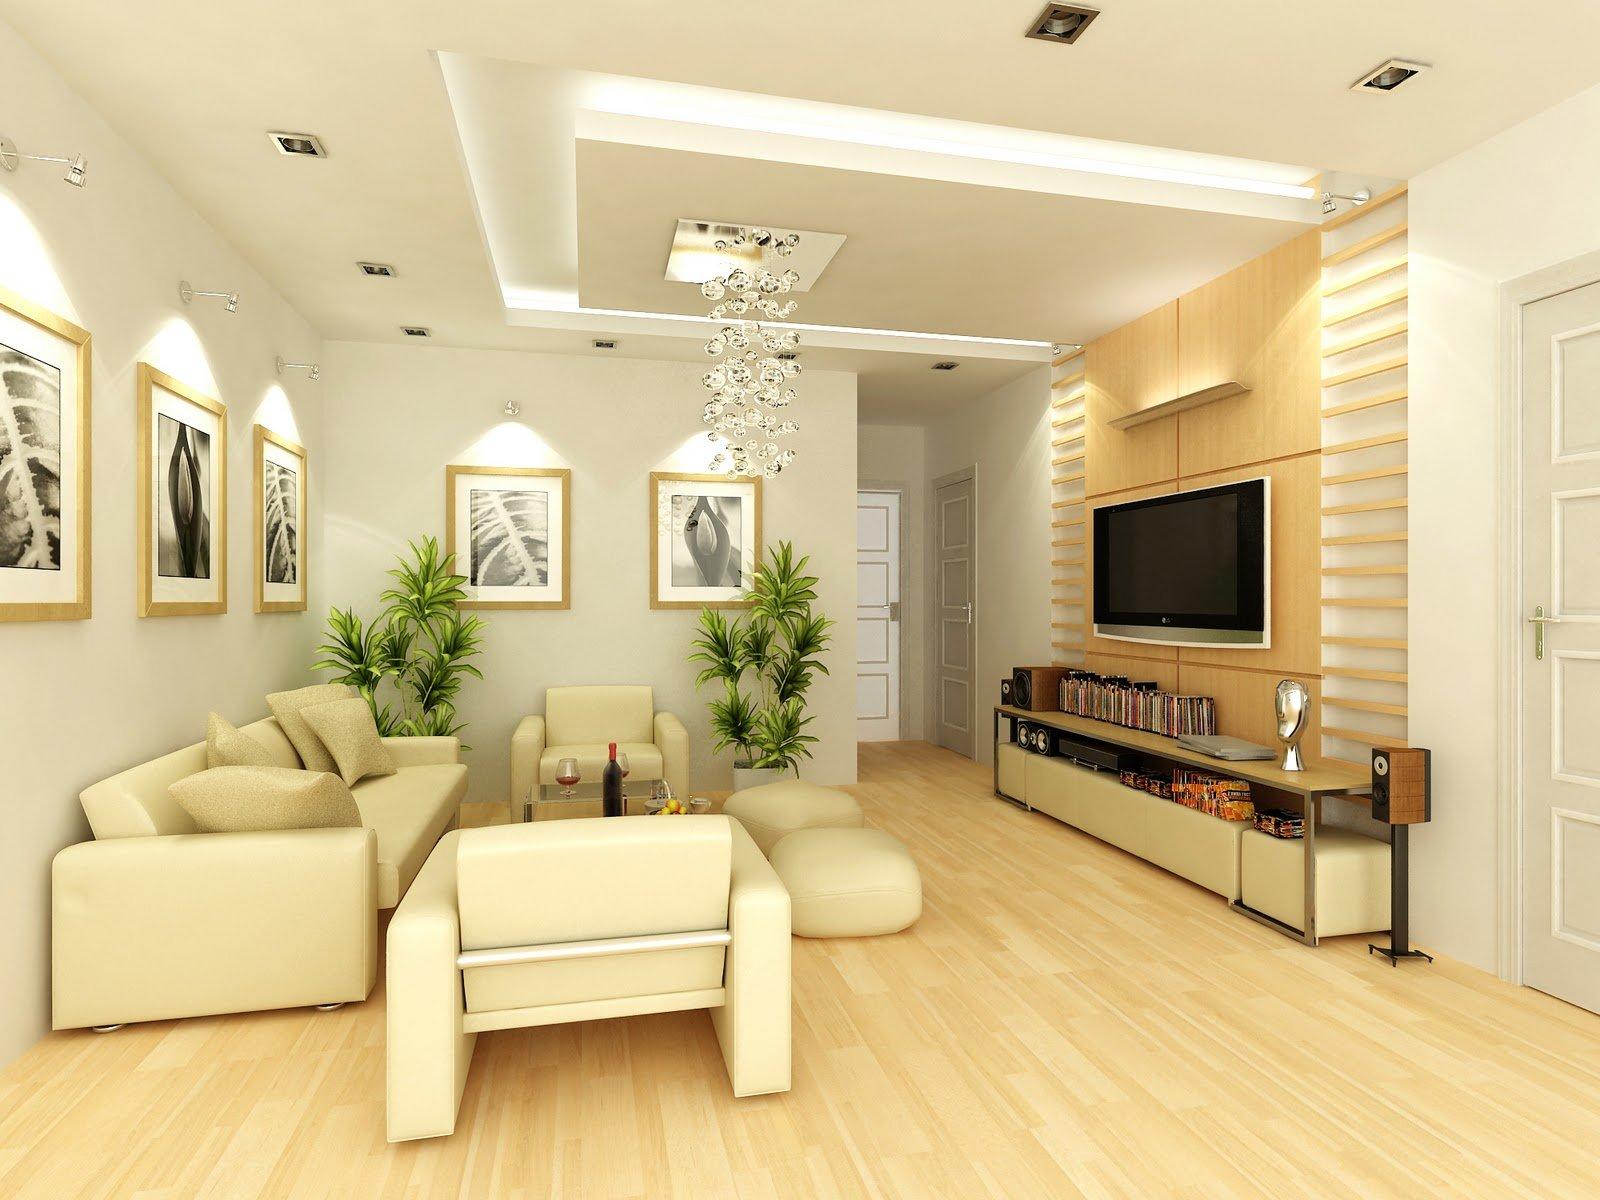 Mẫu thiết kế nội thất nhà phố hiện đại đẹp nhất định phải xem qua post image